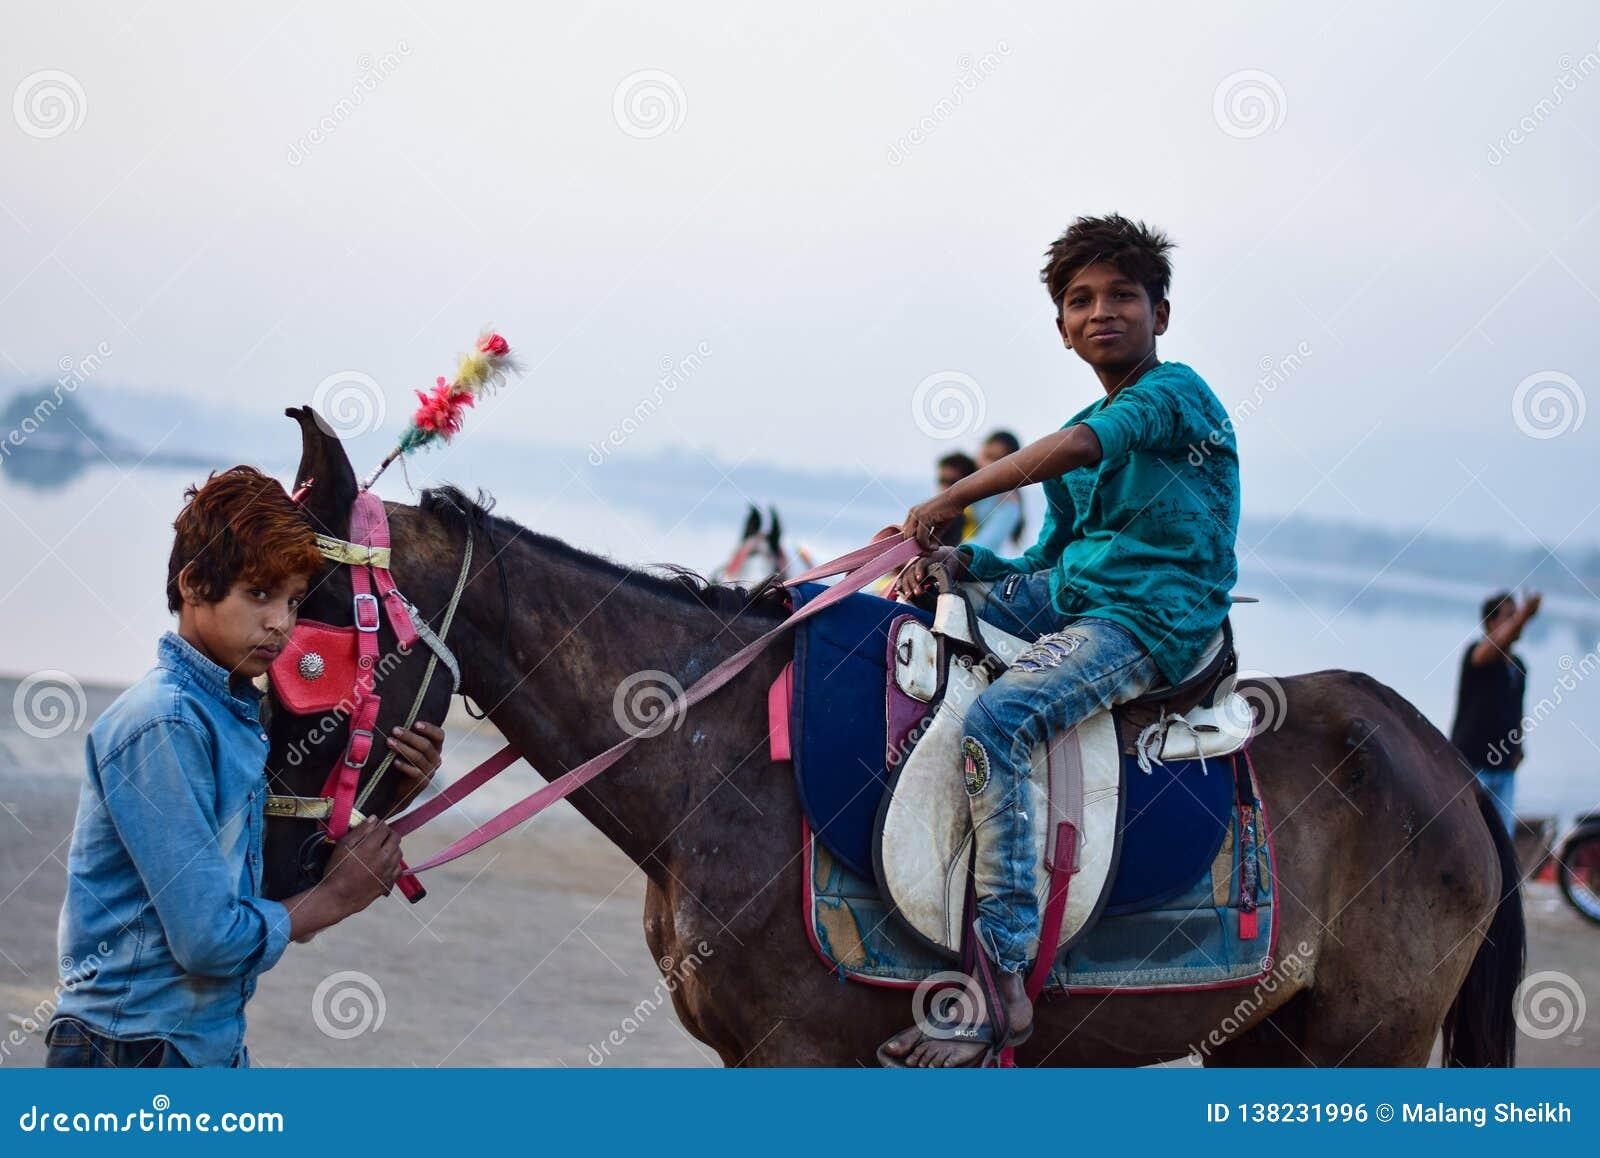 Плохой детский труд в Индии